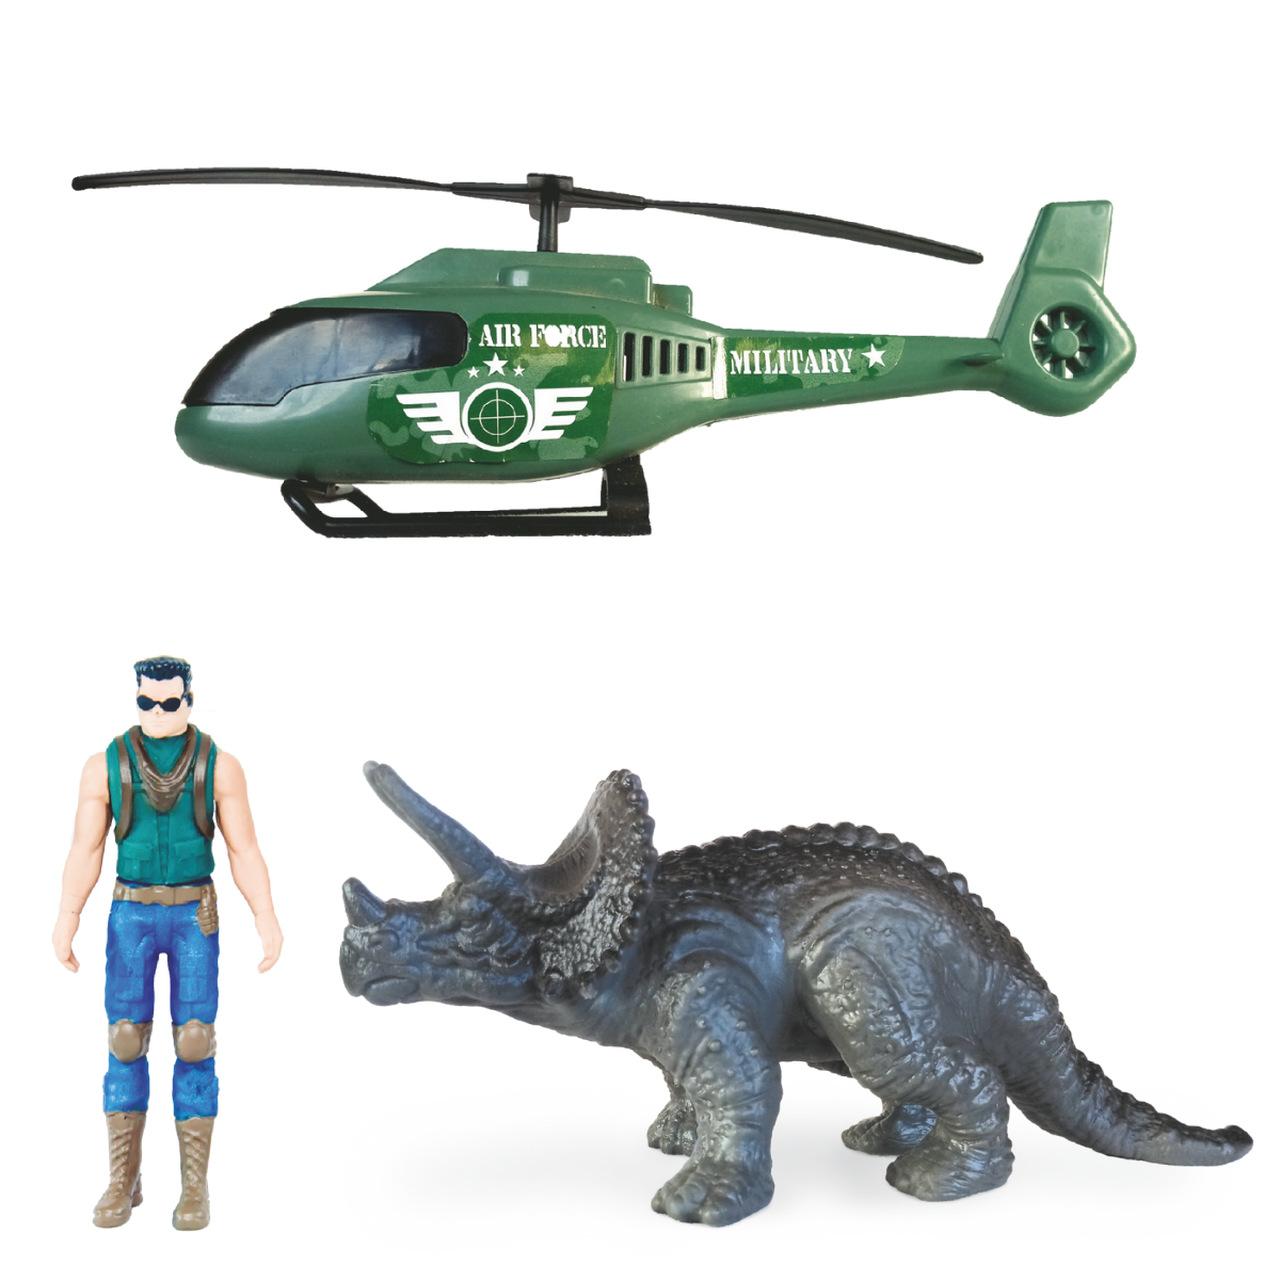 Triceratops Dinossaurus Adventure com Boneco e Helicópterp Militar